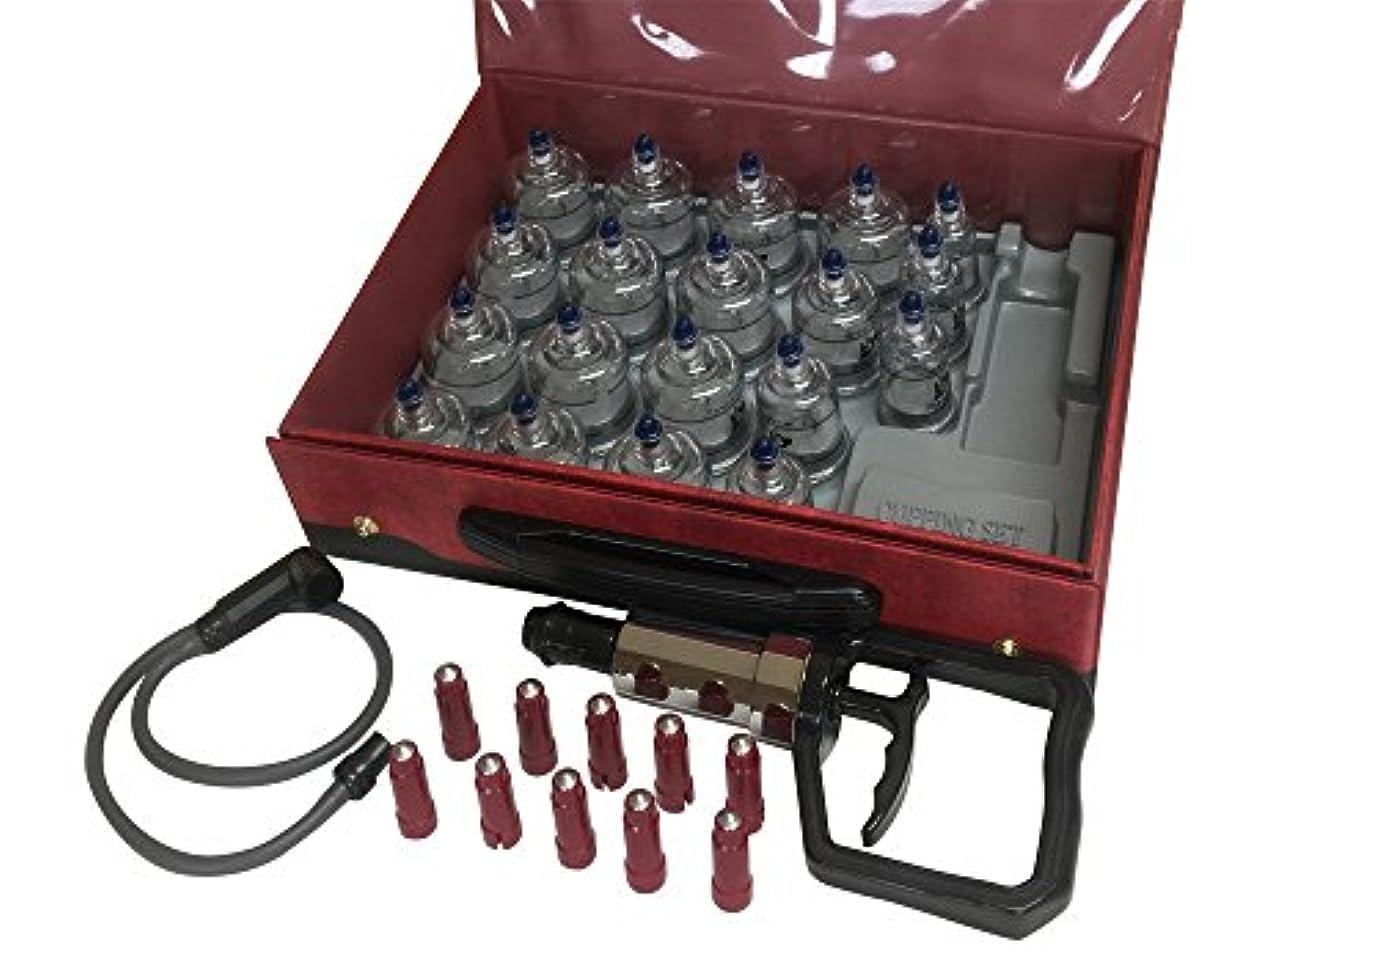 確立マーカーピボットlife_mart 吸い玉 カッピングセット 19個 マッサージカップ つぼ押し 指圧棒 吸玉 自宅エステ カッピングカップ マッサージ 治療 カッピングポンプ 吸引器